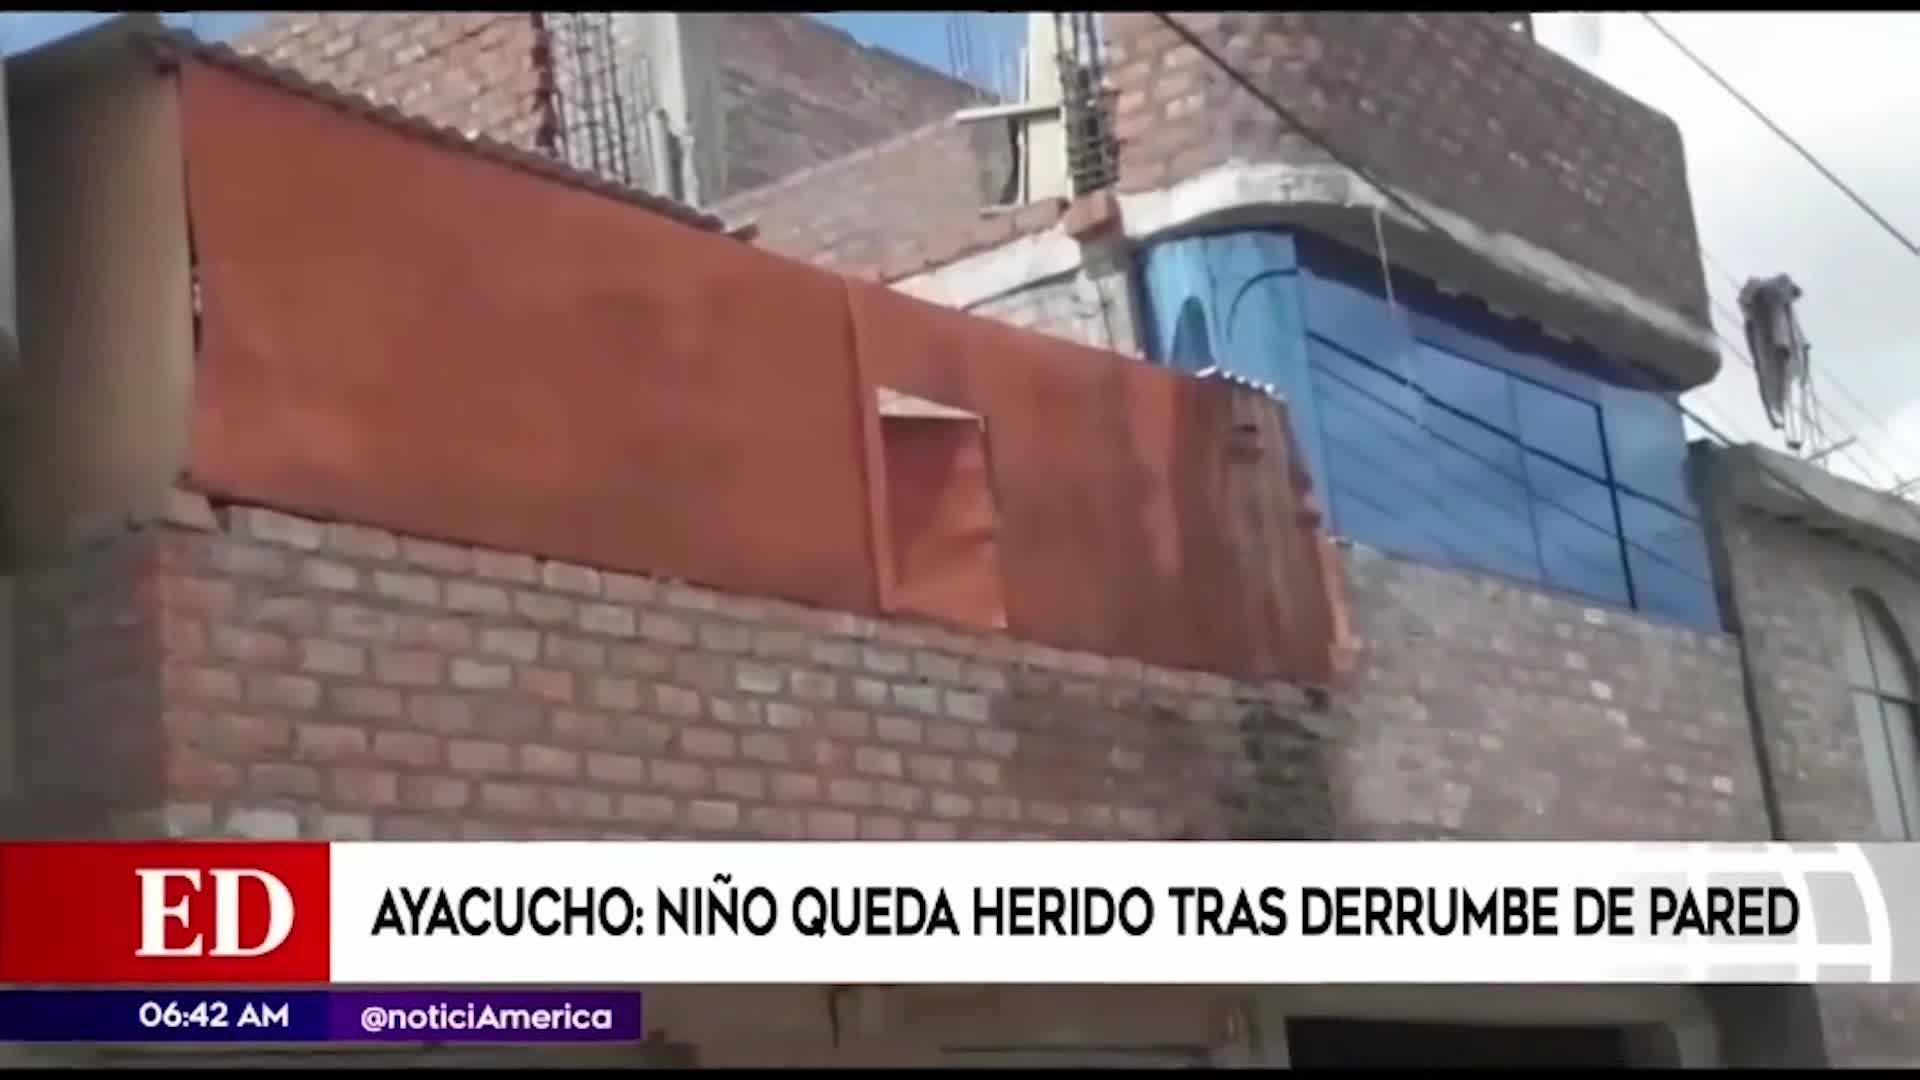 Ayacucho: niño herido tras derrumbe de pared